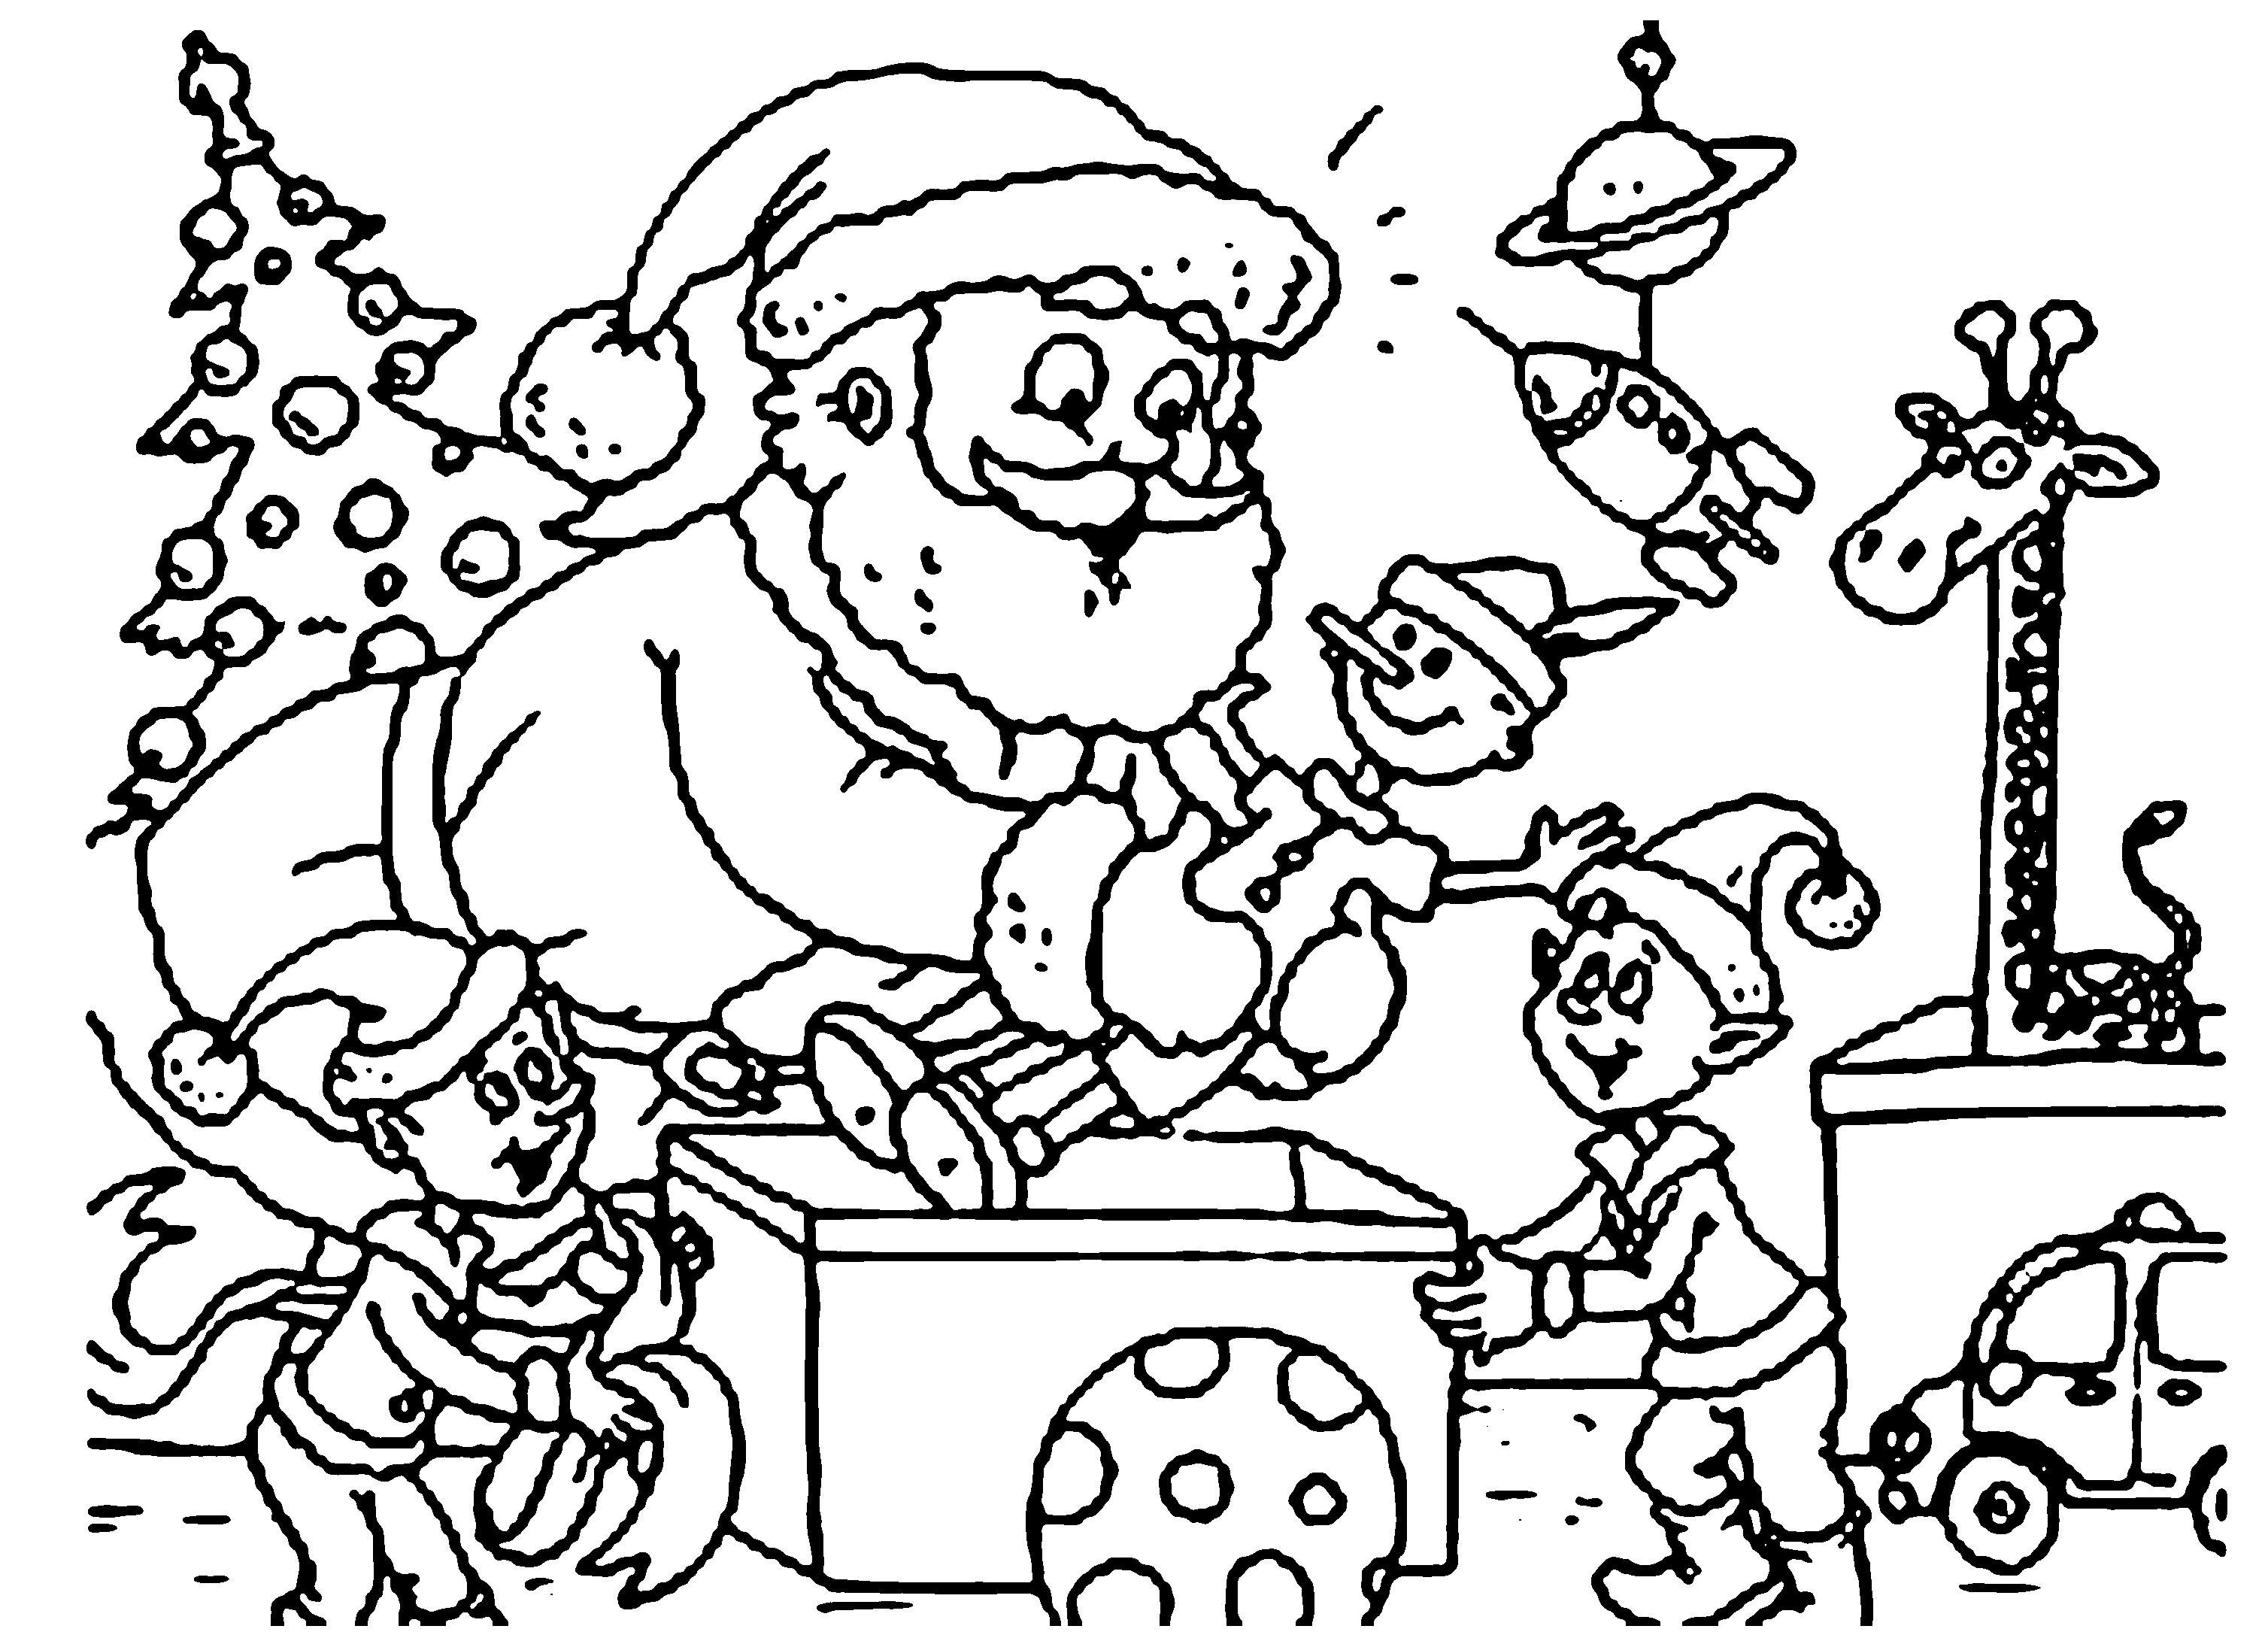 Санта клаус и эльф делают подарки игрушки к новому году Раскраска сказочная зима